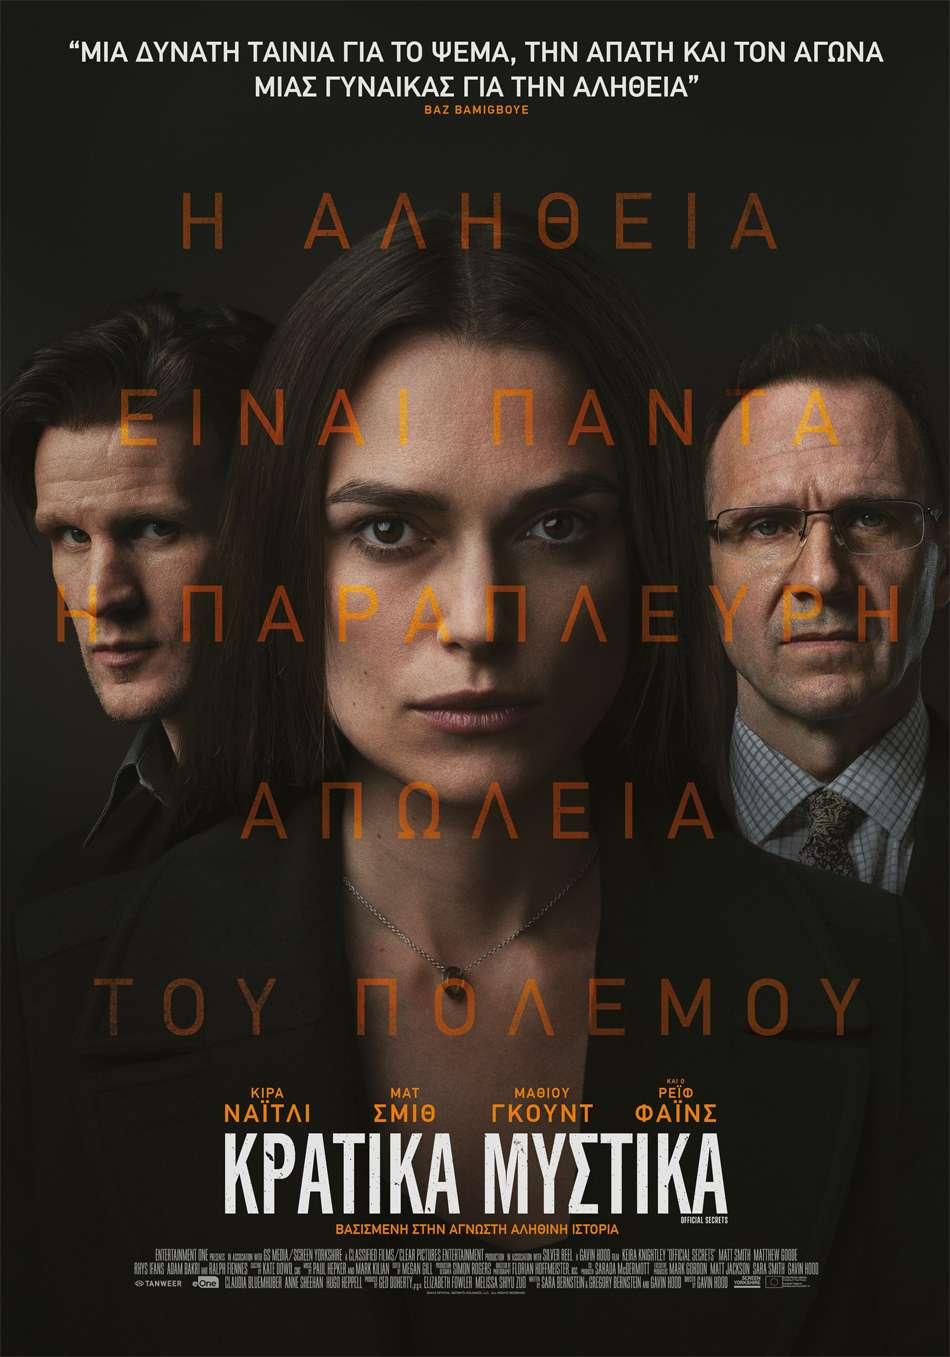 Κρατικά Μυστικά (Official Secrets) - Trailer / Τρέιλερ Poster